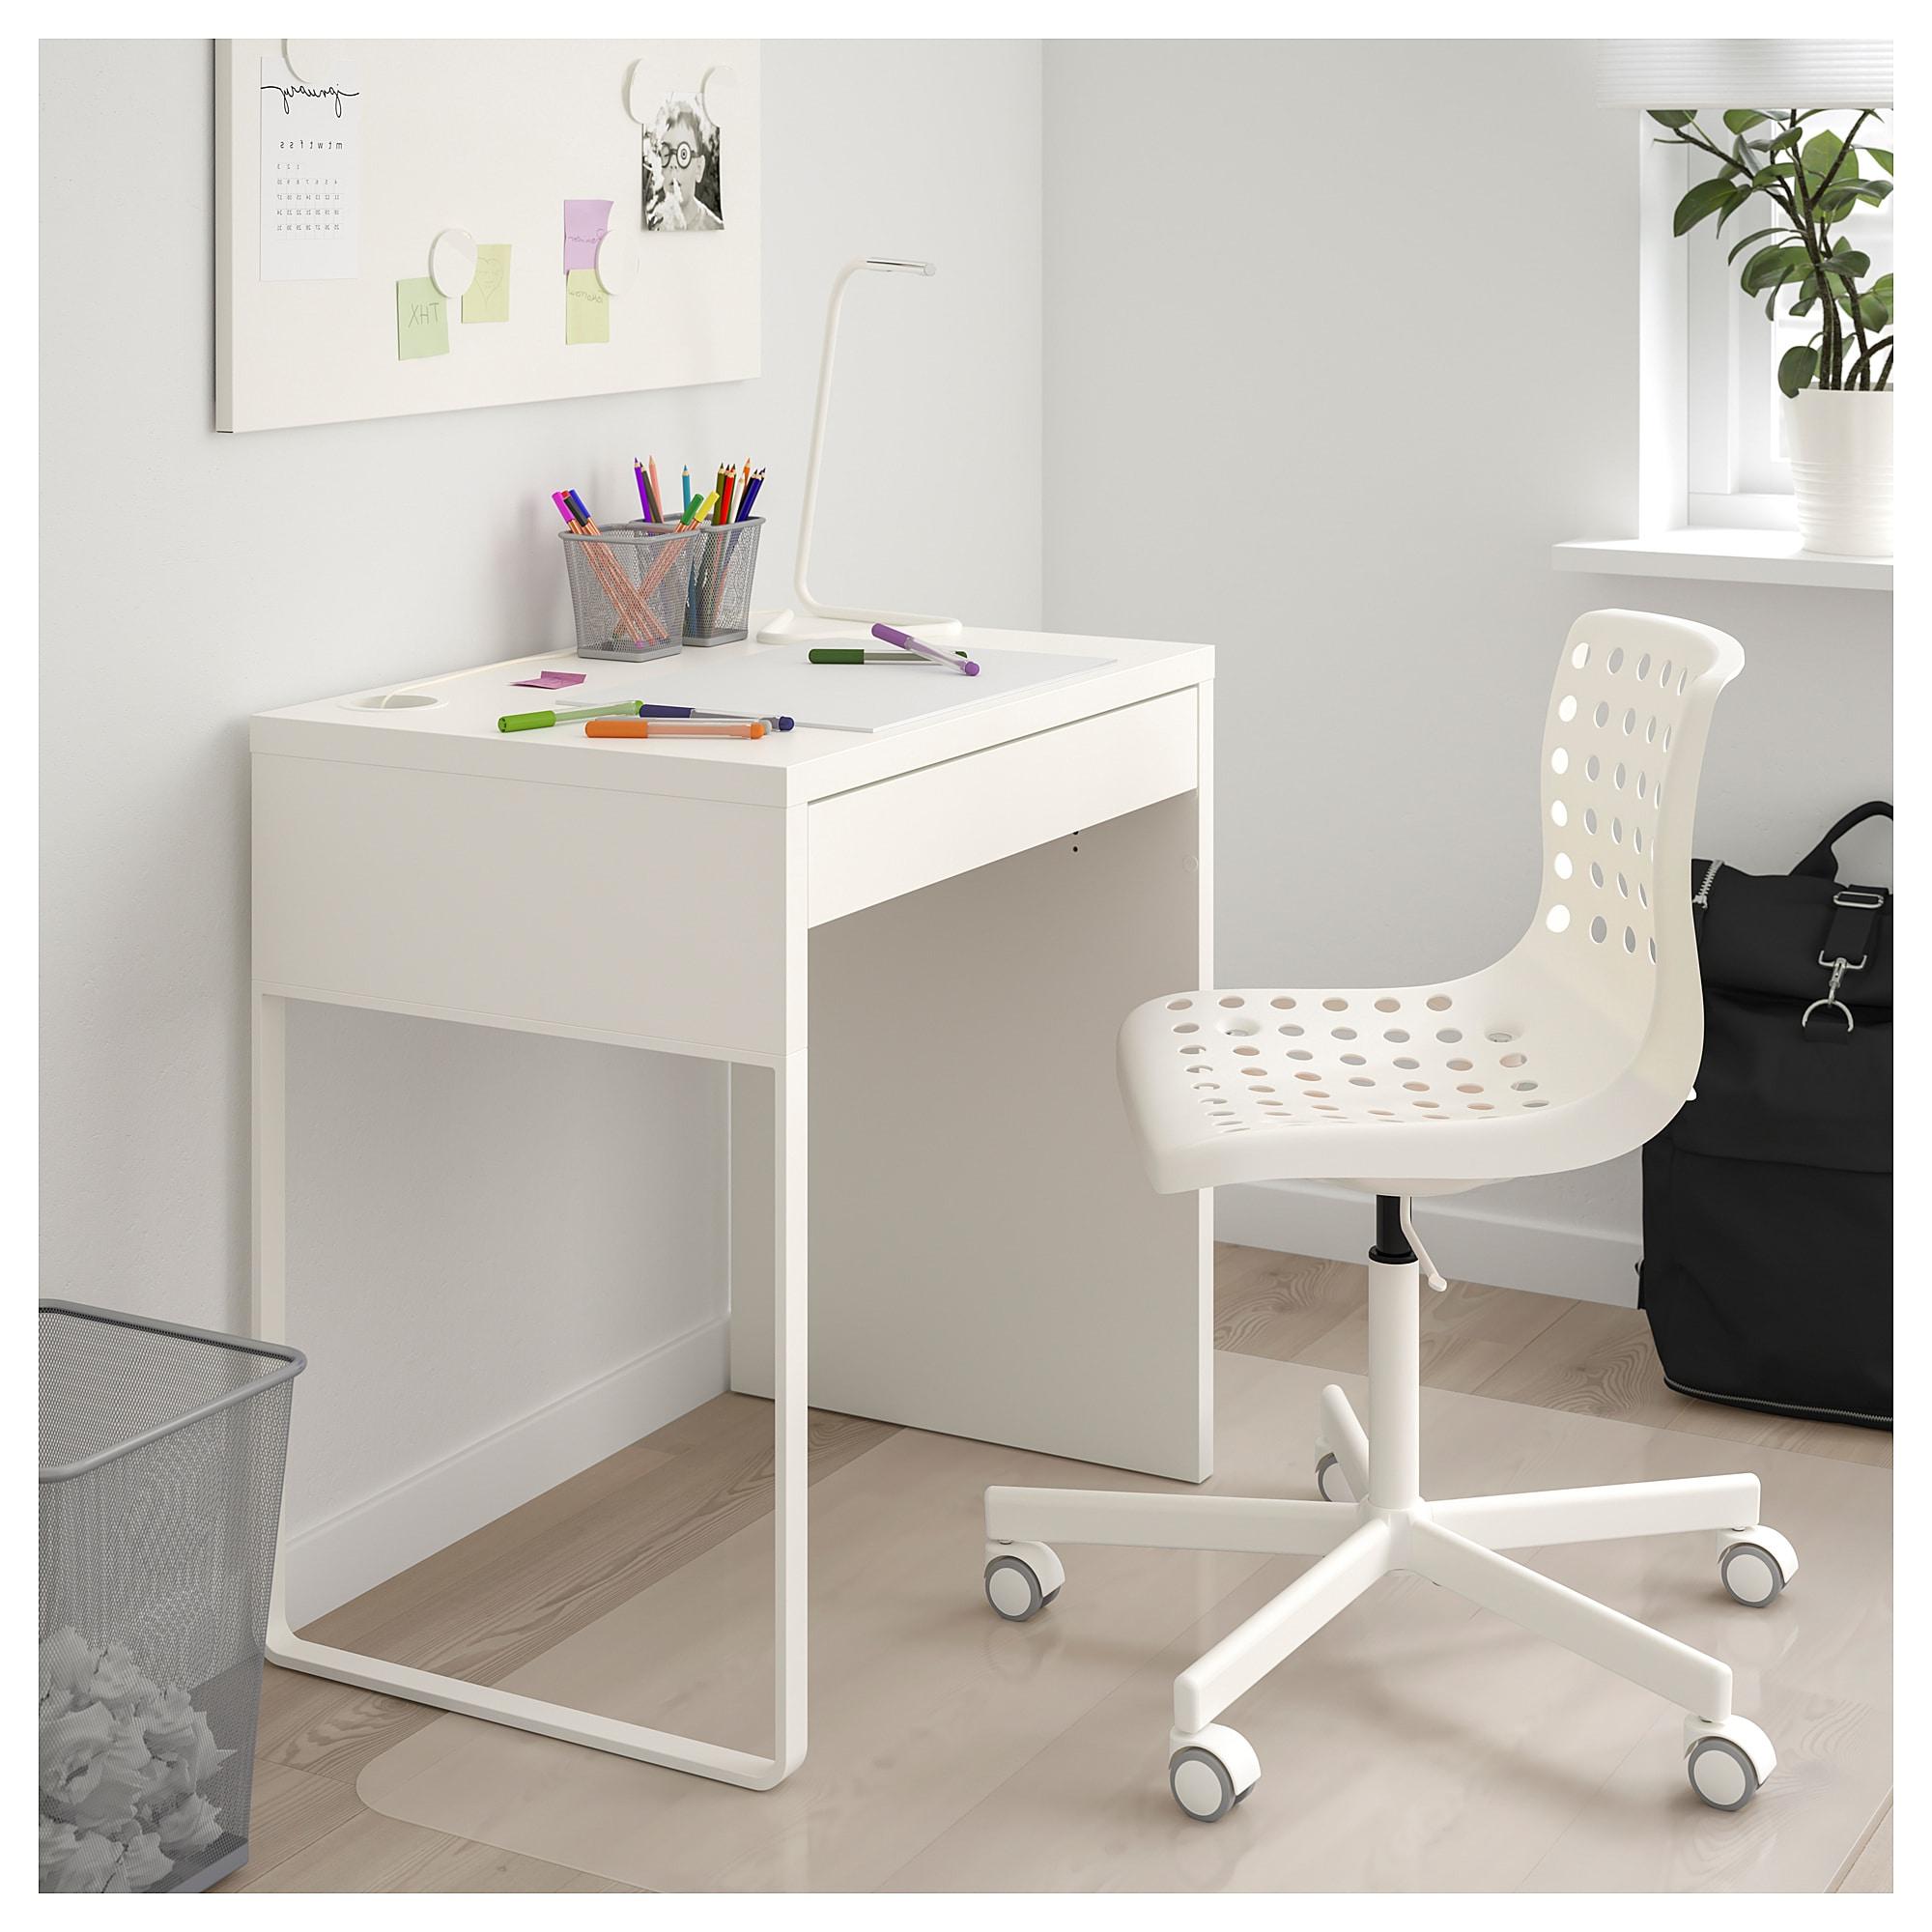 Escritorio Ikea Micke S5d8 Micke Escritorio Blanco 73 X 50 Cm Ikea